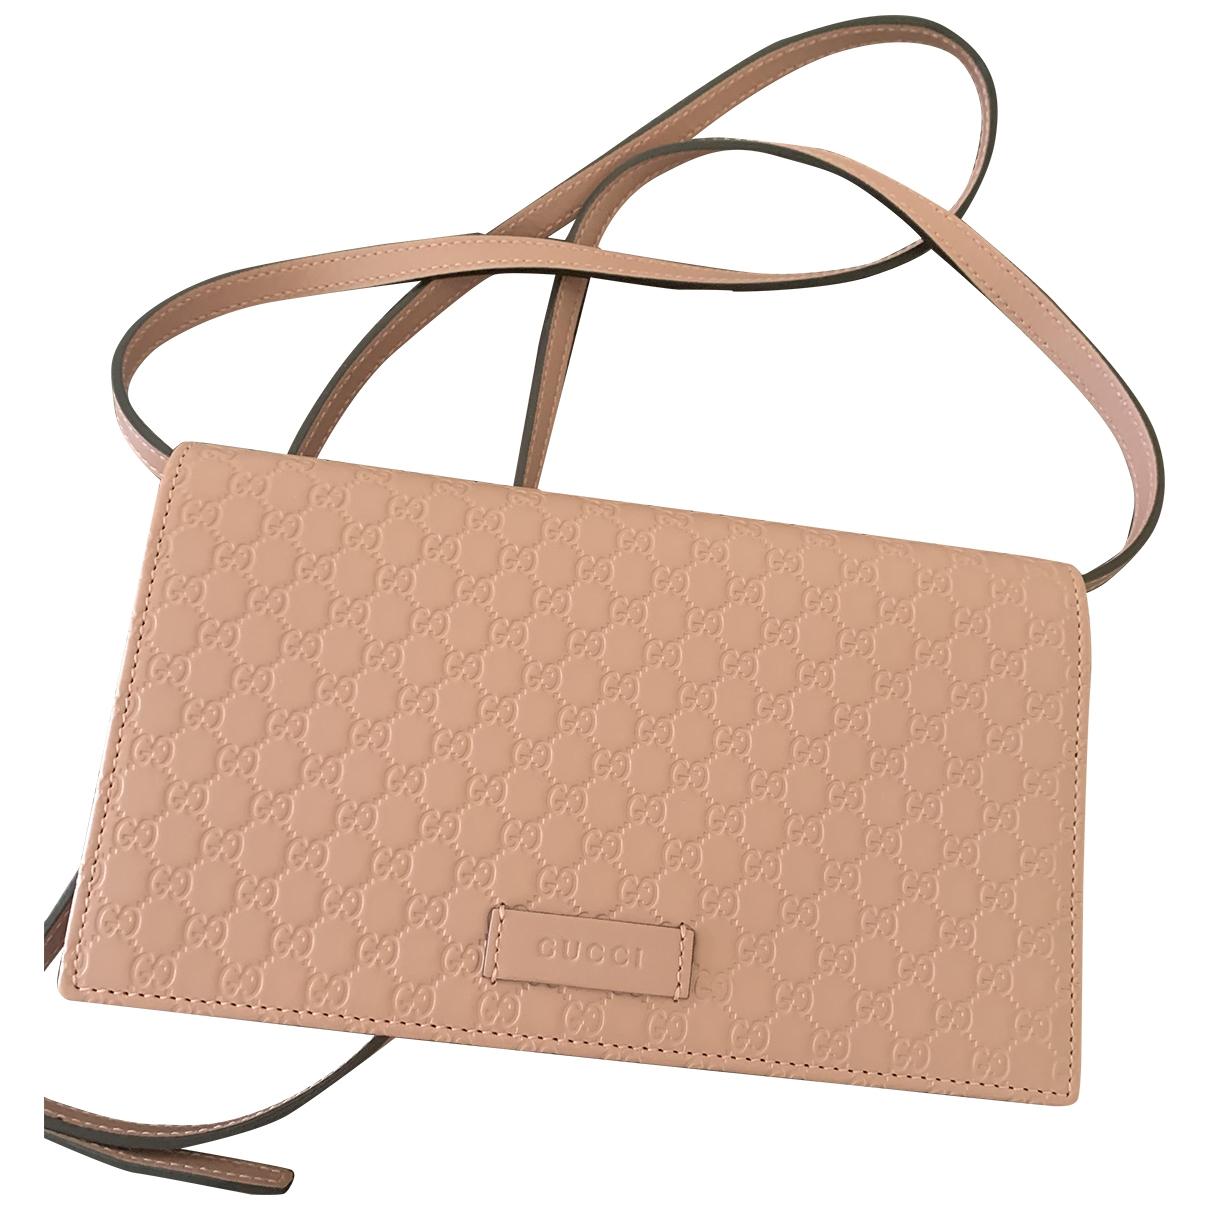 Gucci - Pochette   pour femme en cuir - rose